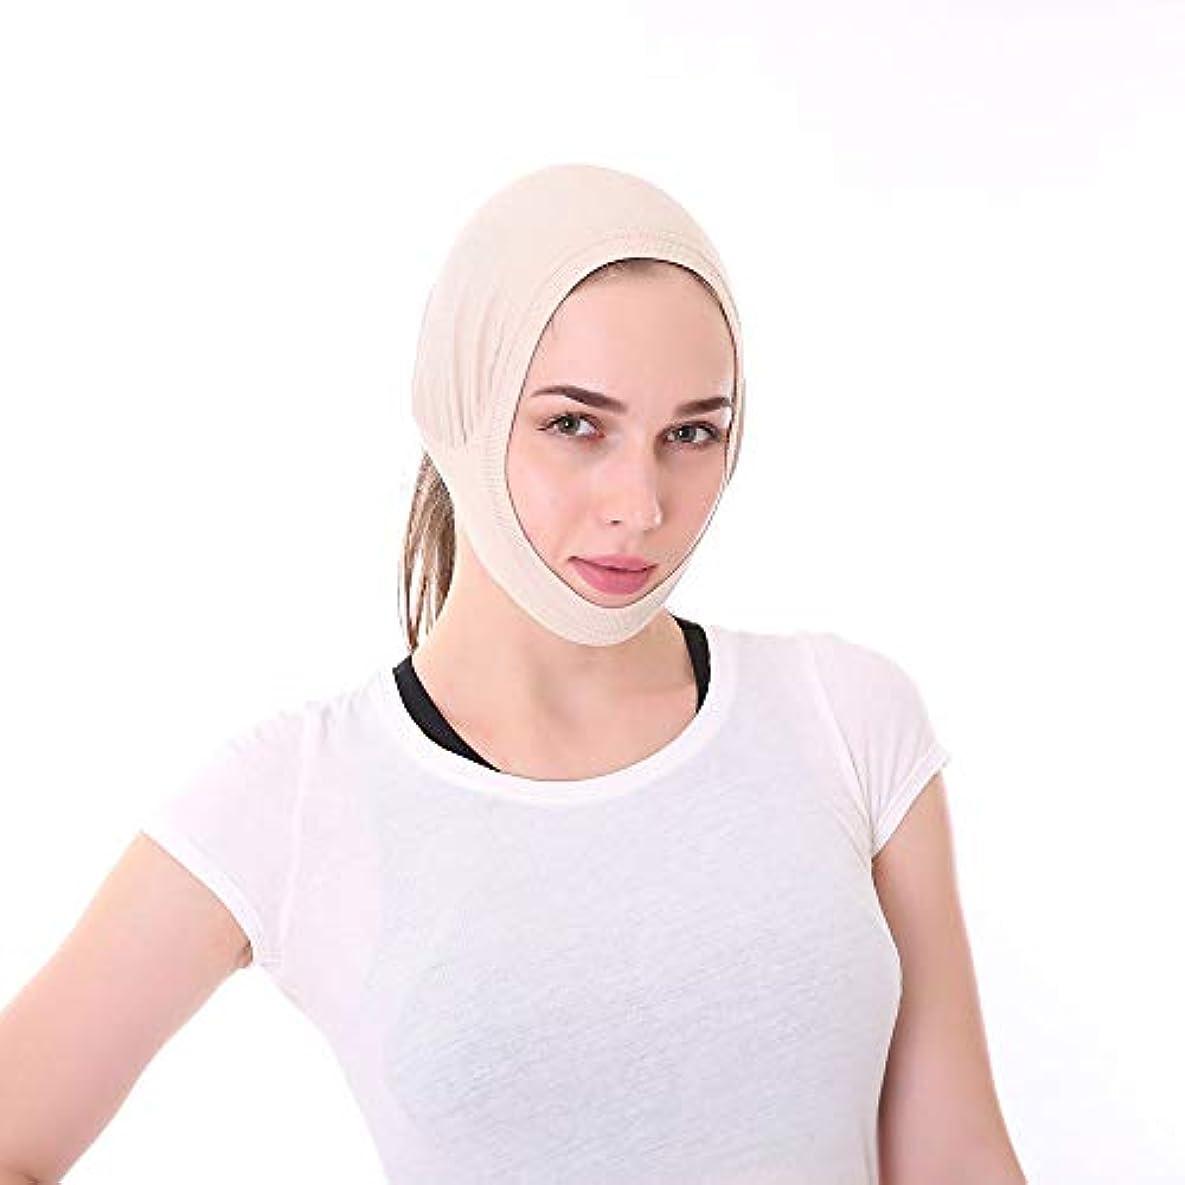 整理する残酷な面フェイスリフティングベルト、フェイシャルVフェイス包帯/ダブルチン睡眠薄型フェイスベルト/引き締めリフティングフェイスマスク(カラー)